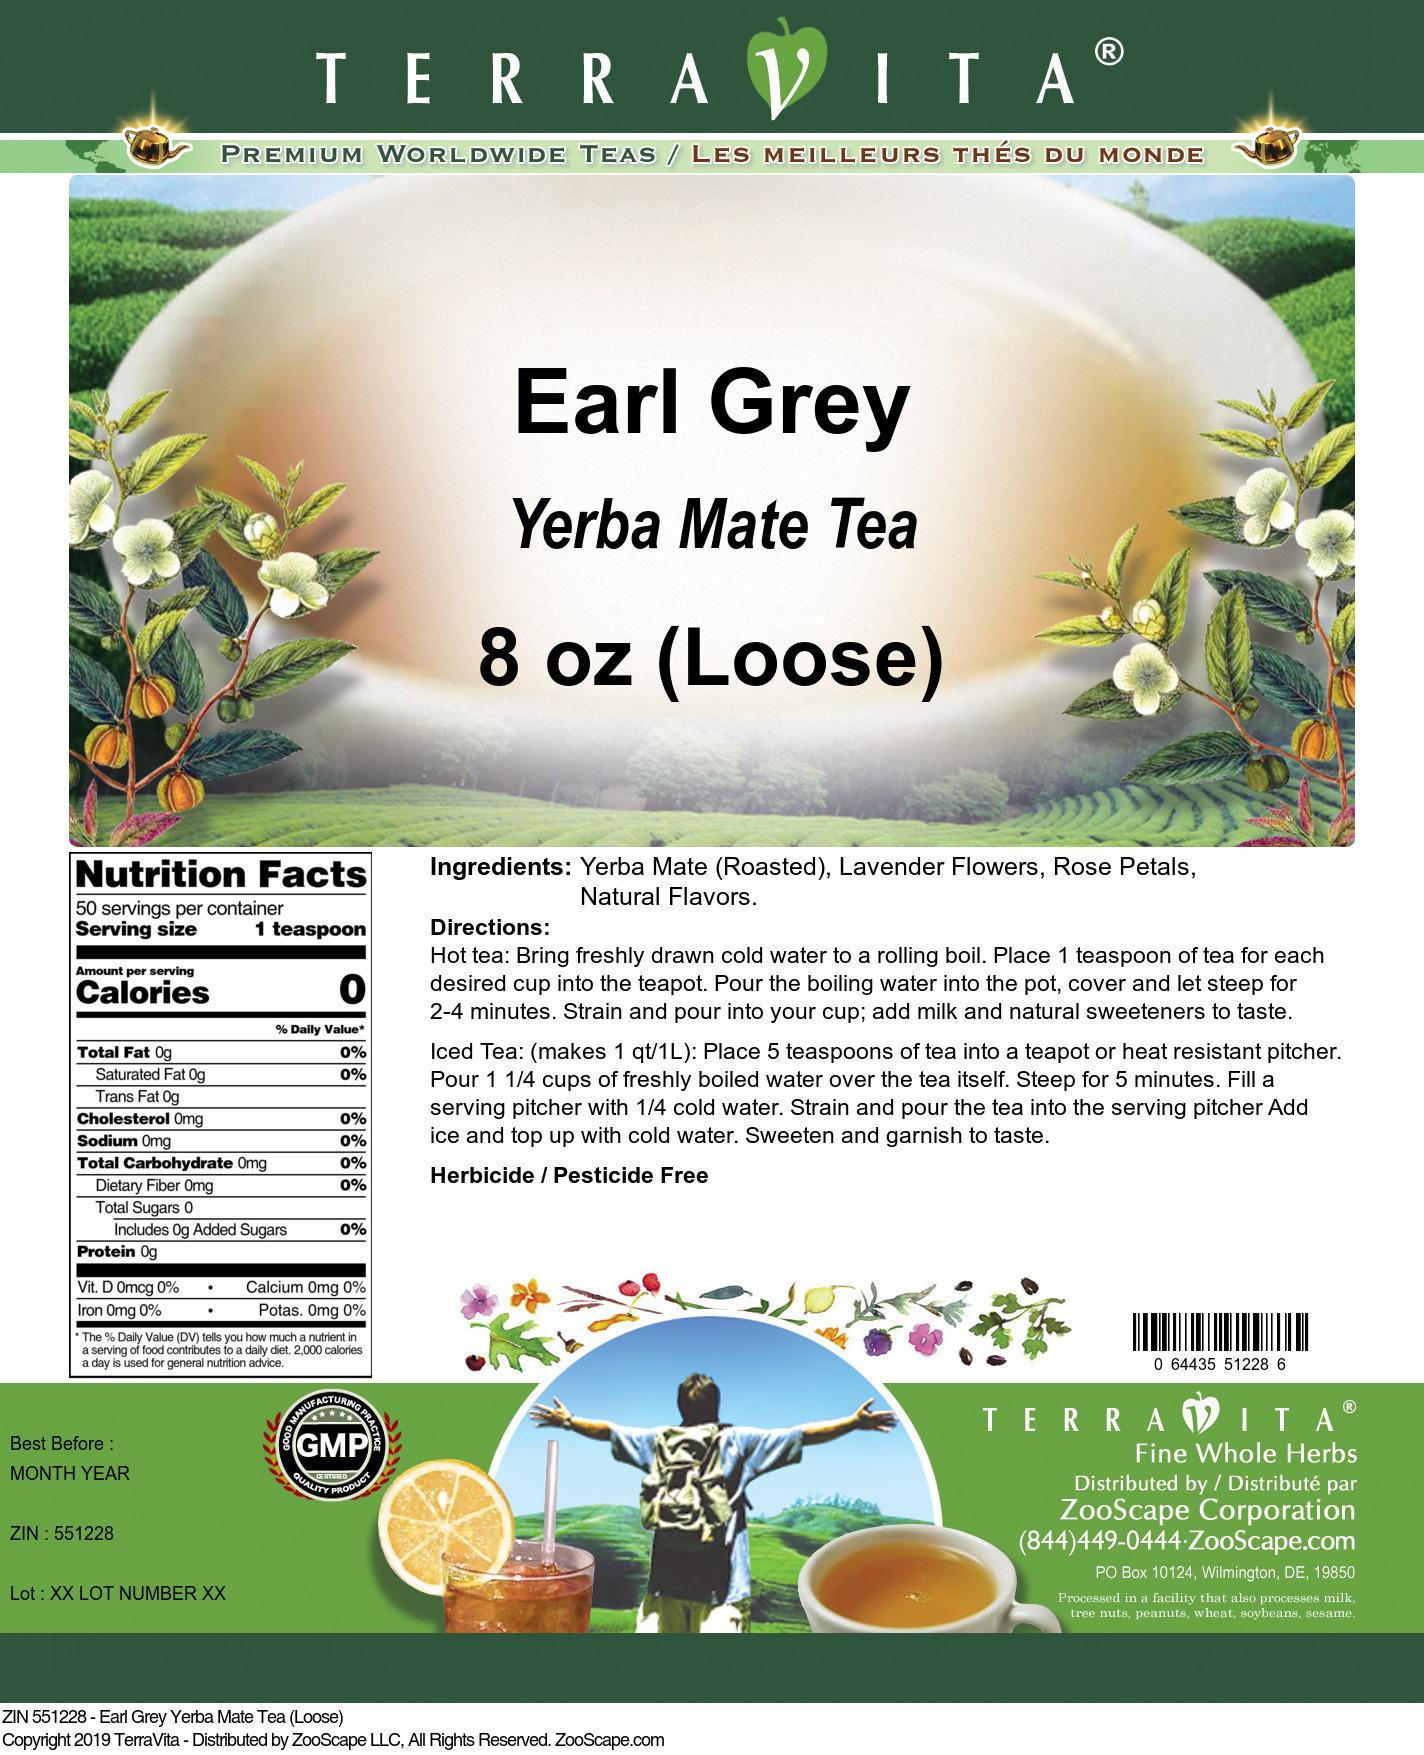 Earl Grey Yerba Mate